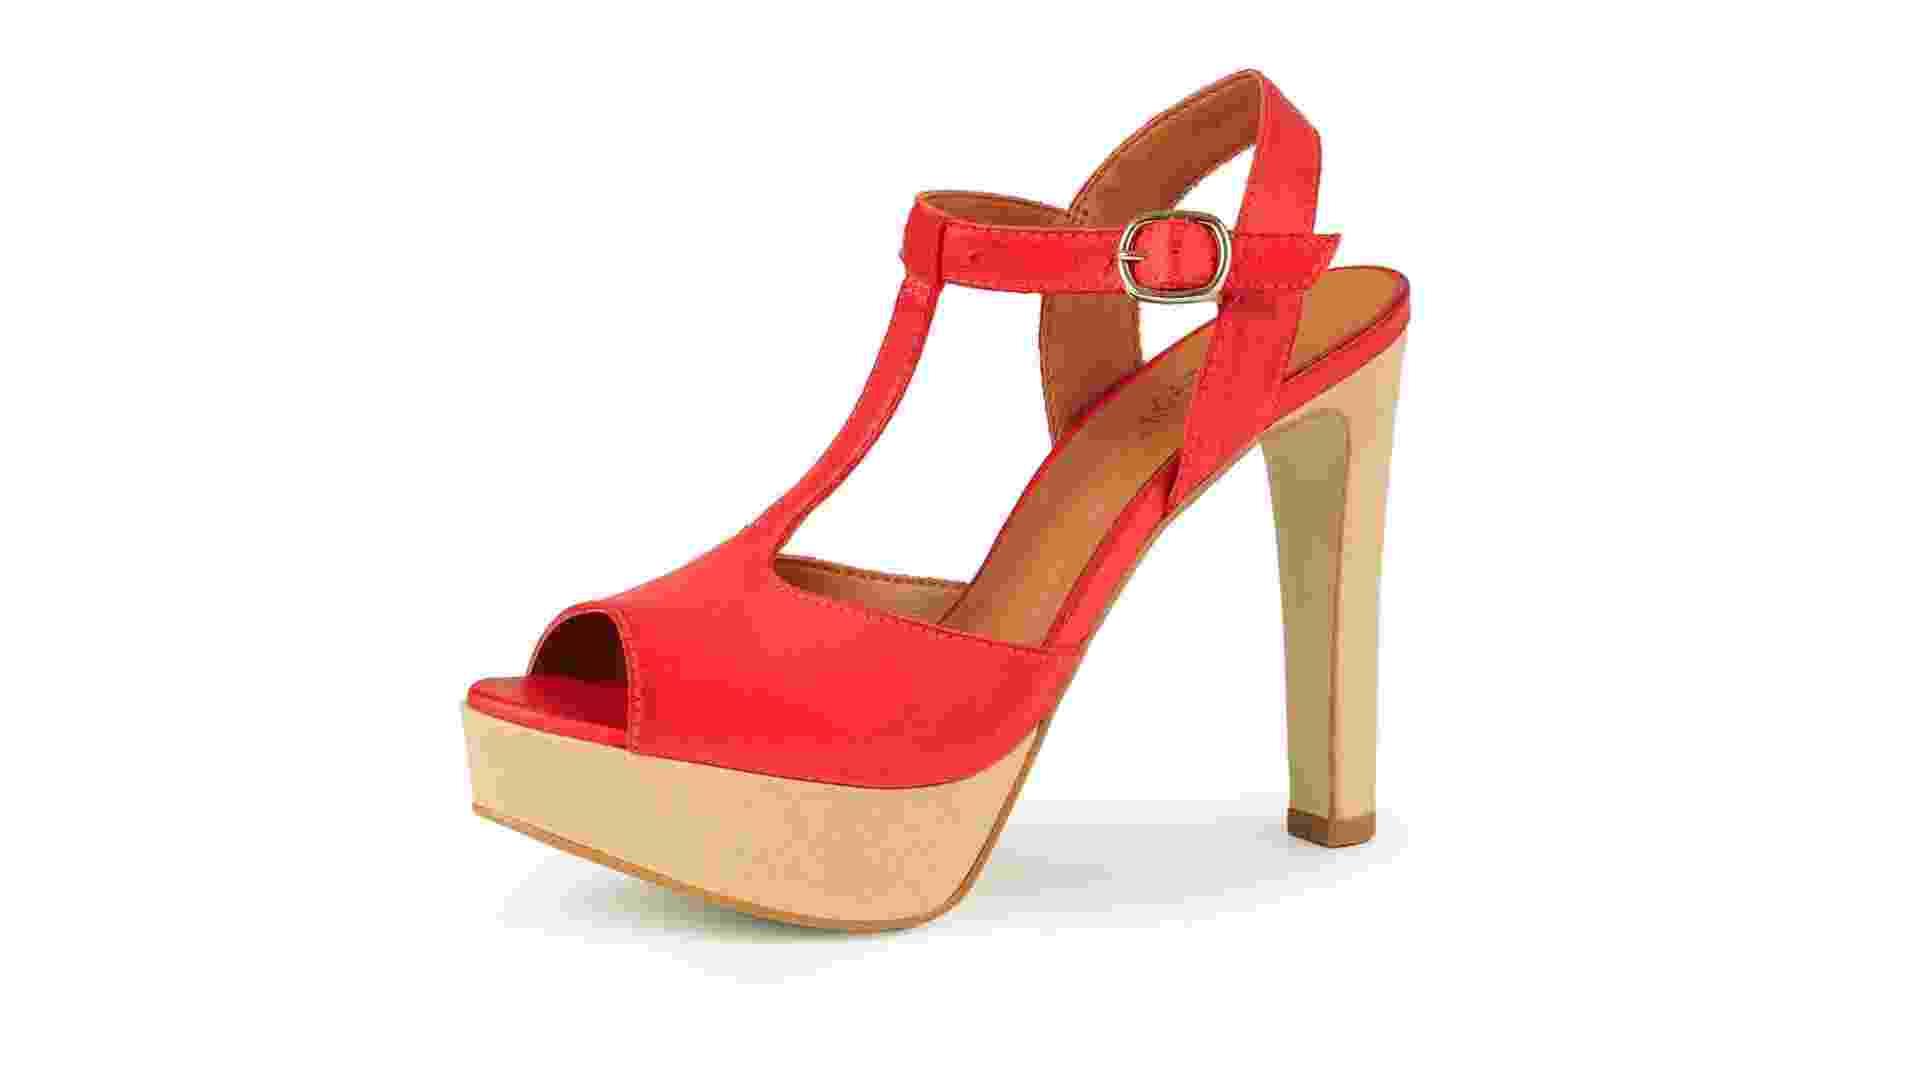 Sandália vermelha com salto meia pata; R$ 259,80, na Mr. Cat (www.mrcat.com.br). Preço pesquisado em fevereiro de 2013 e sujeito a alterações - Divulgação